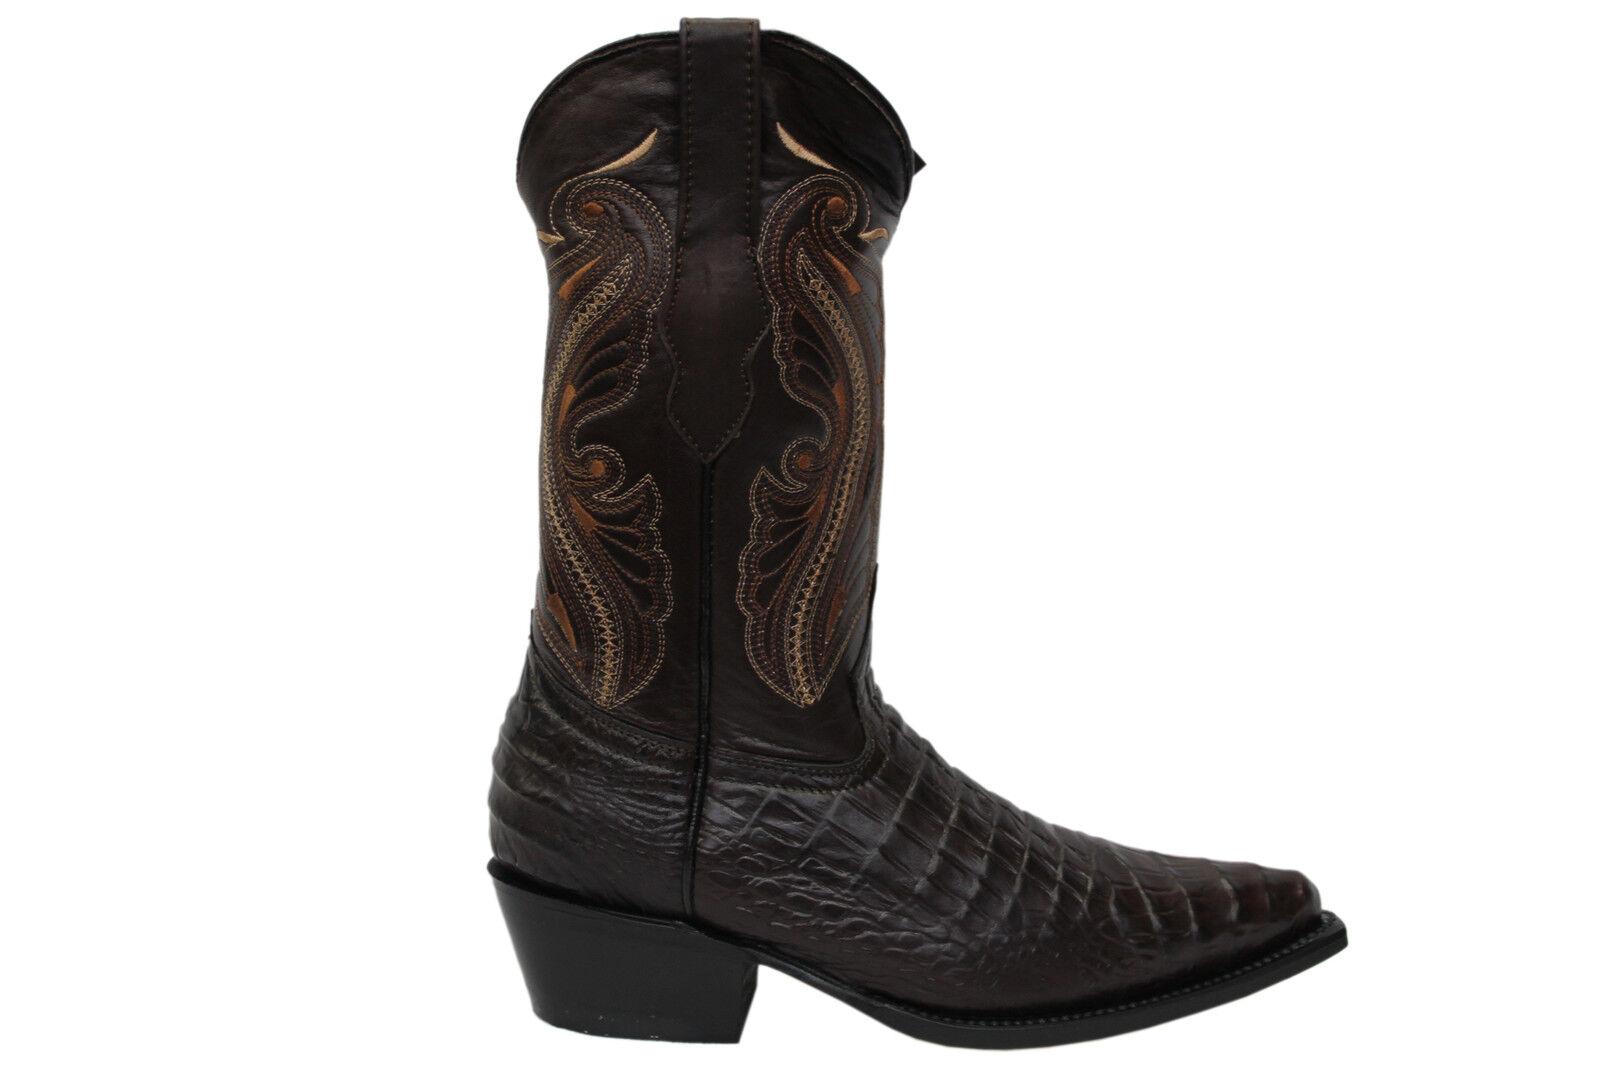 Nuevo De Molinos Para Mujer Indiana Marrón De Cuero Real Cowboy Western mitad de la pantorrilla Botas De Punta